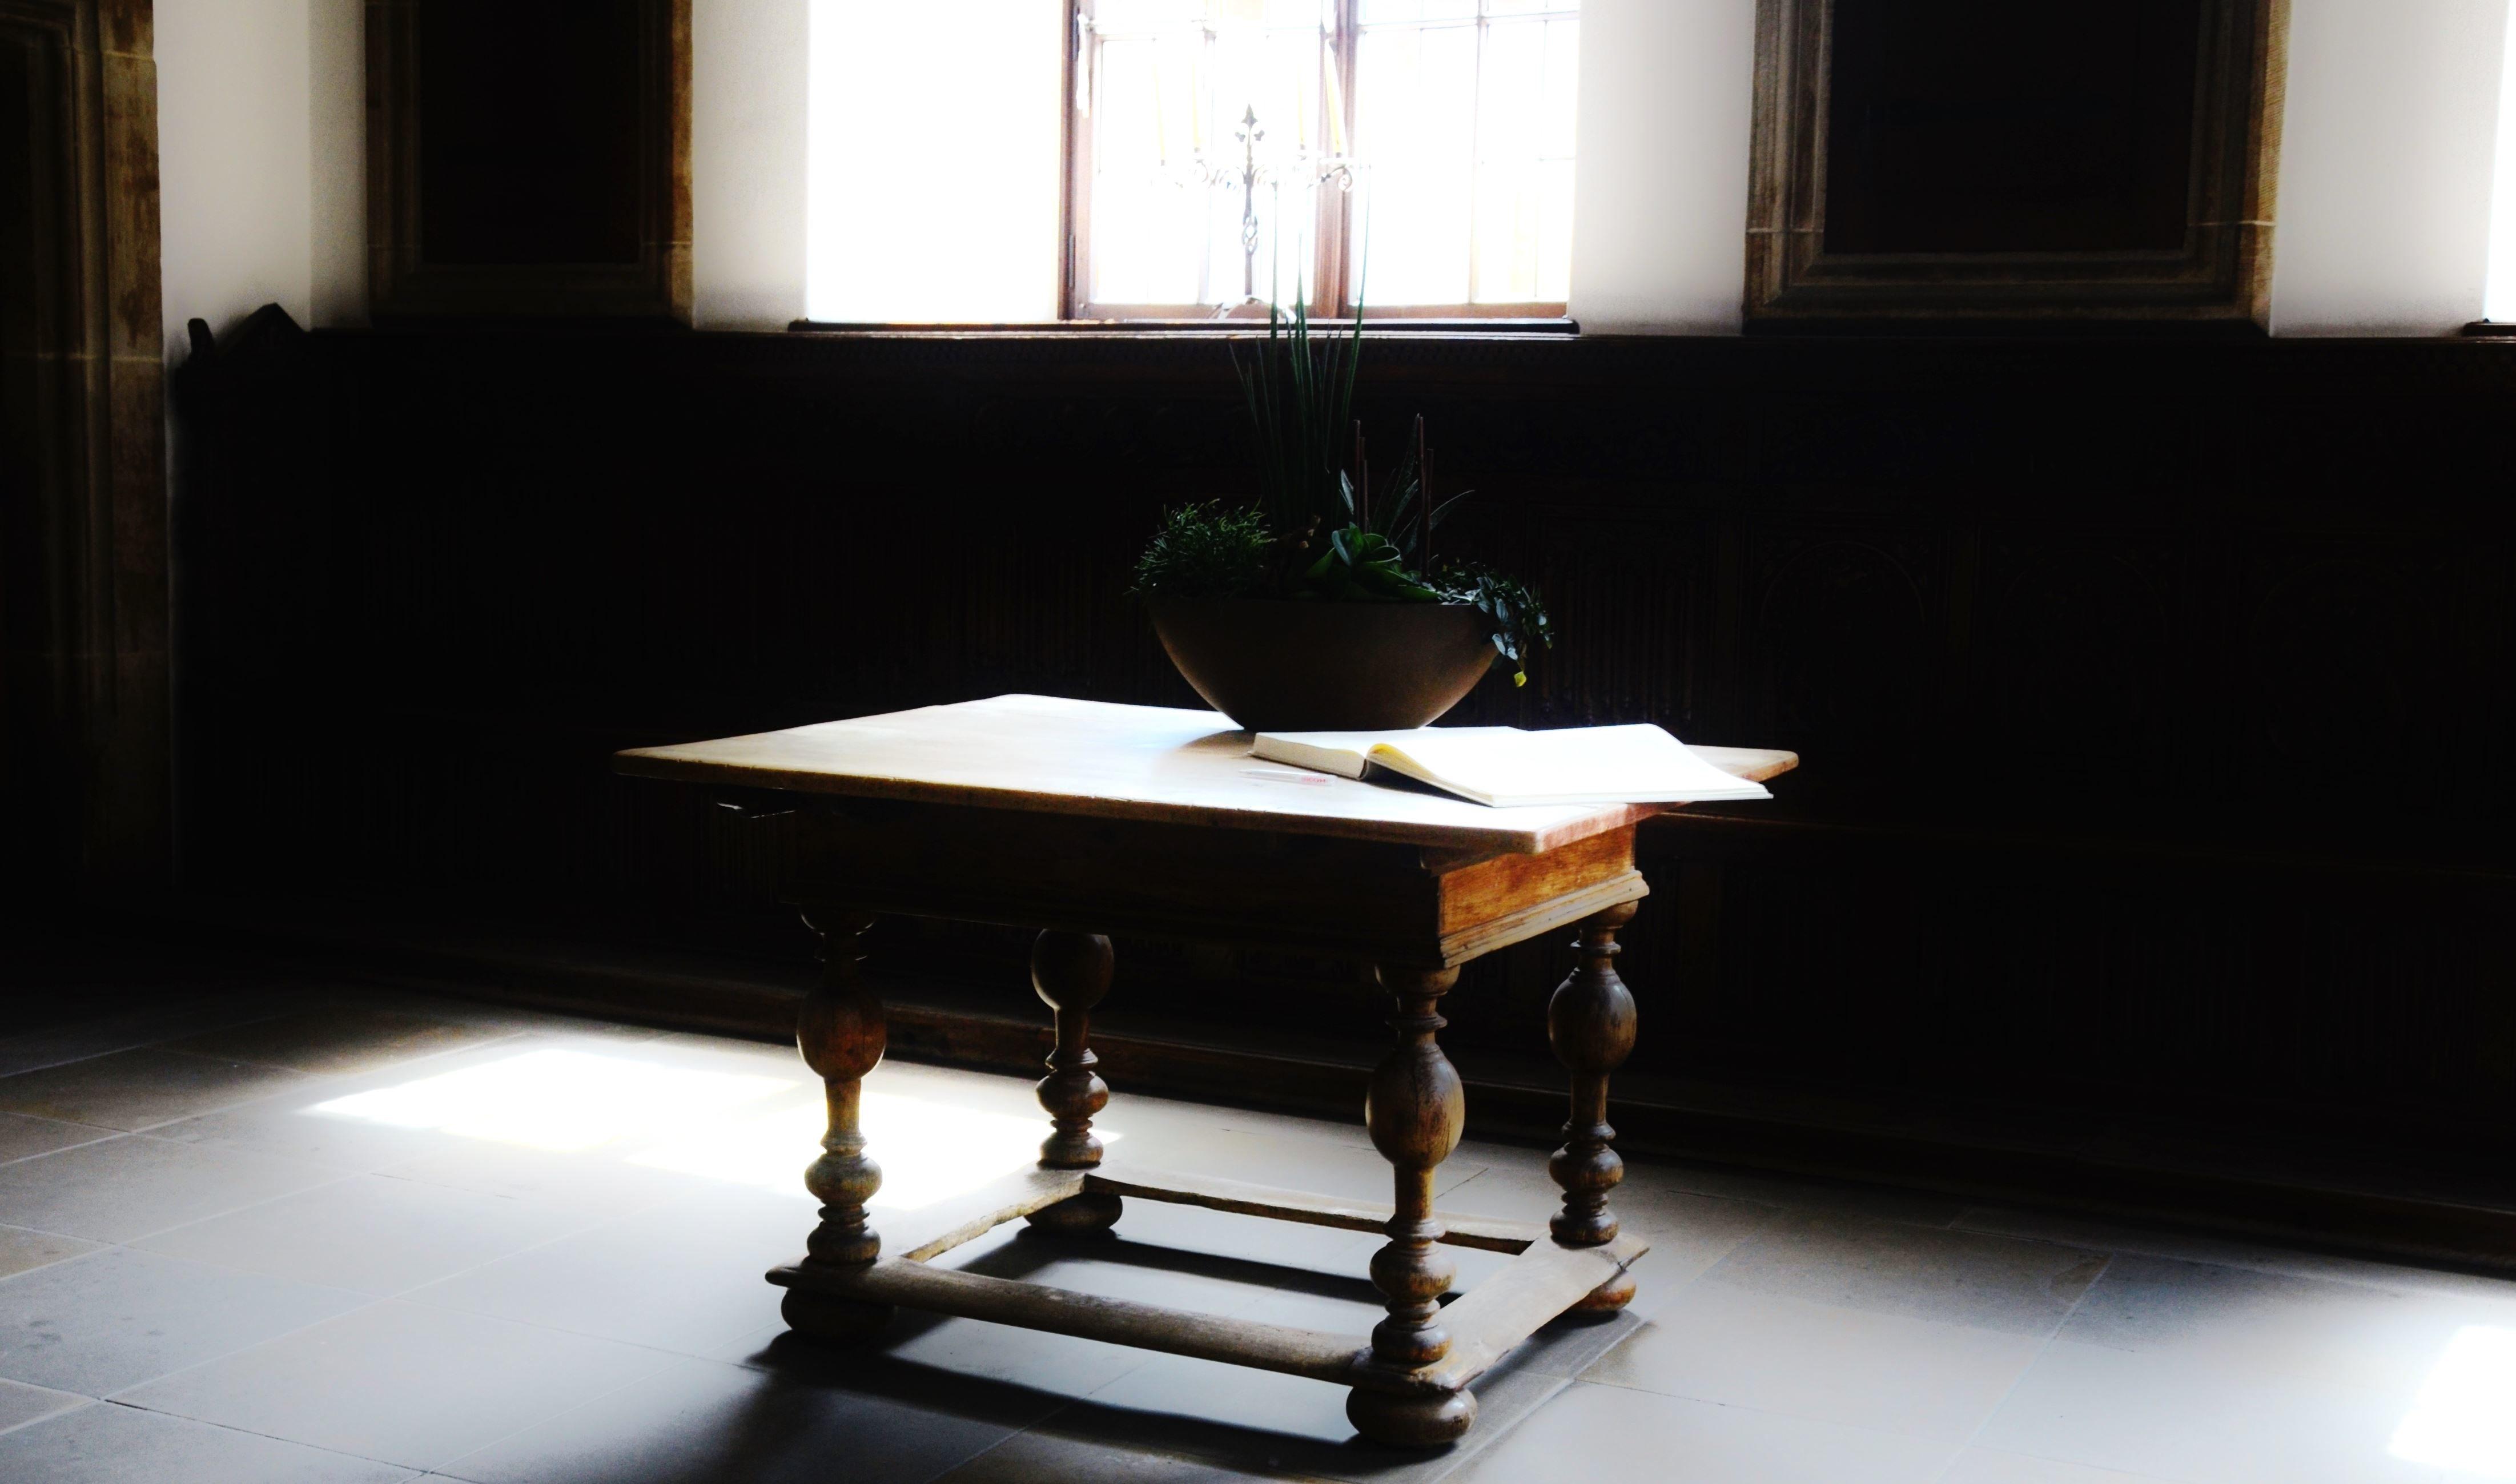 Kostenlose Bild: Buch, zeitgenössisch, Dekoration, Design, Möbel ...